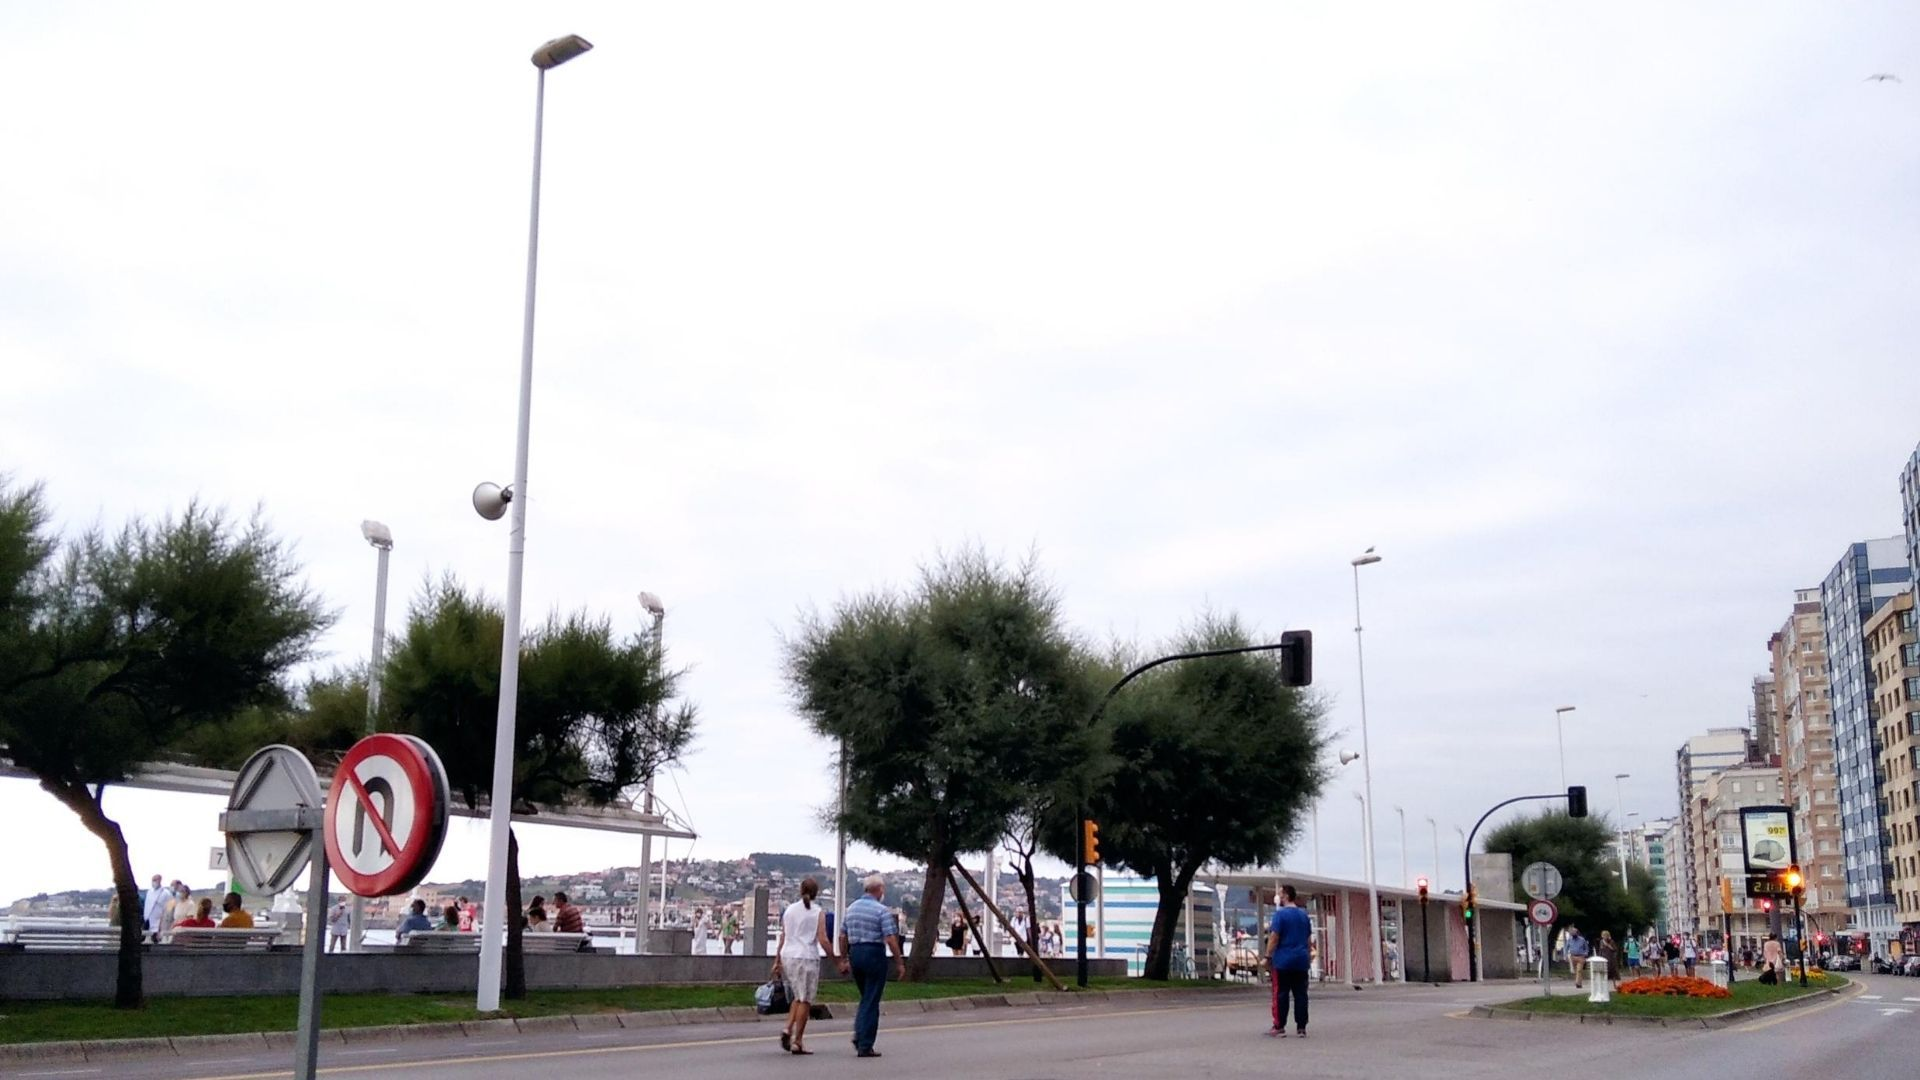 paseo muro de san lorenzo gijon.Muro de San Lorenzo, en la nueva zona peatonal